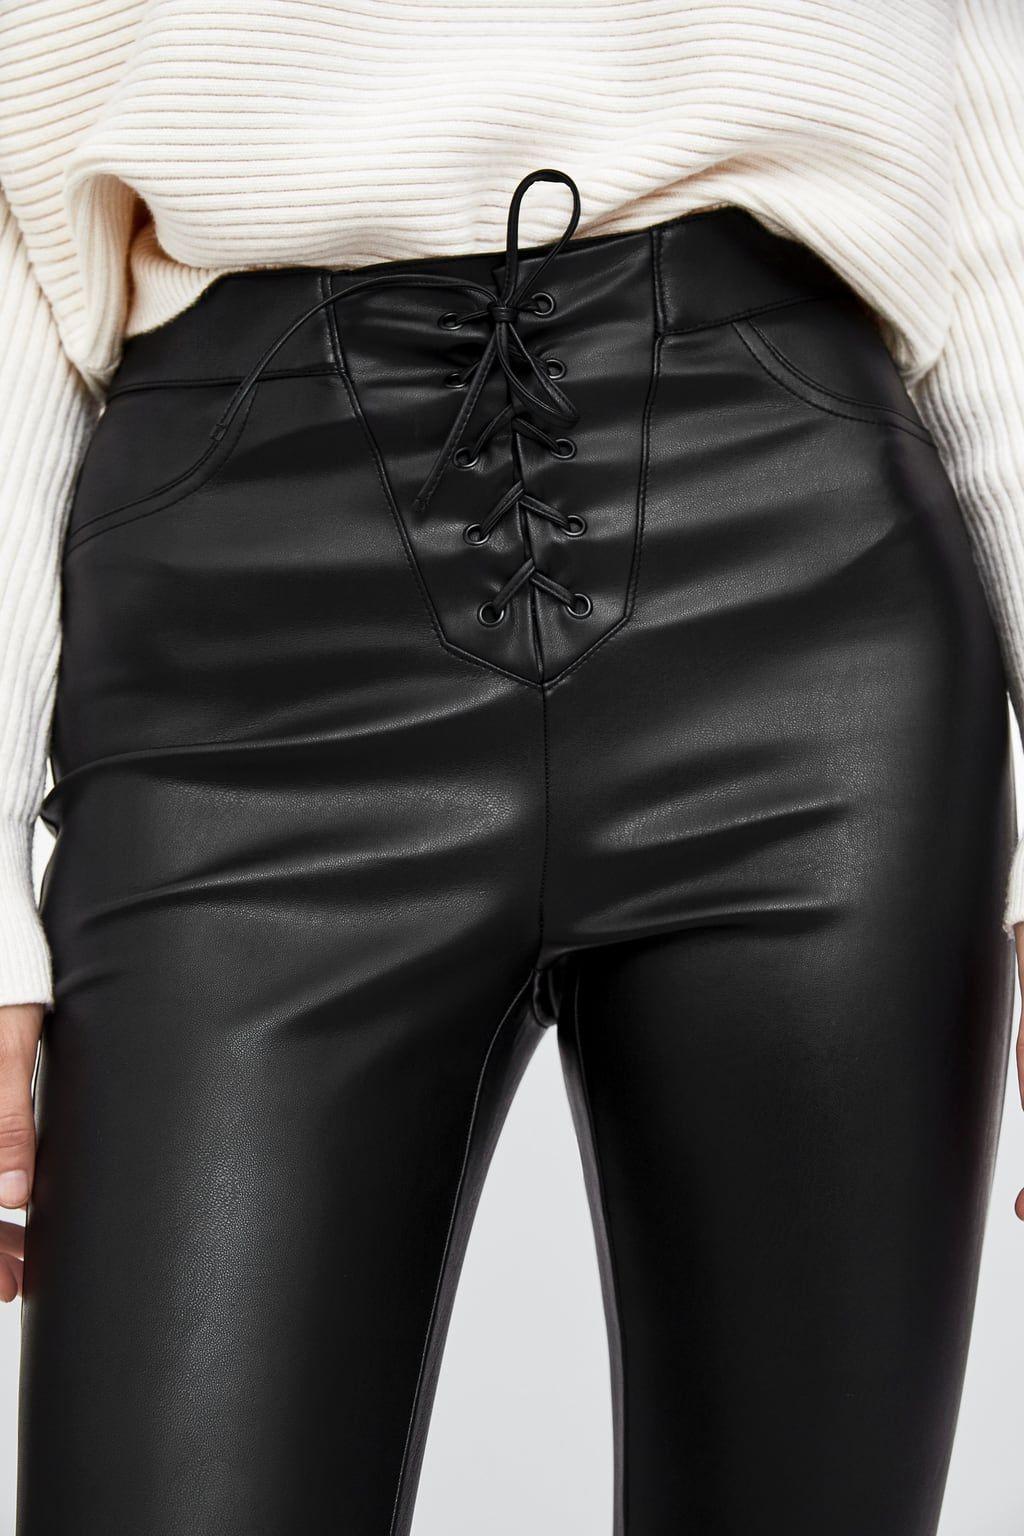 8b26b6fe5b Bild 5 von LEGGINGS AUS KUNSTLEDER MIT SCHNÜRUNG von Zara High Waisted  Leather Leggings, Leather